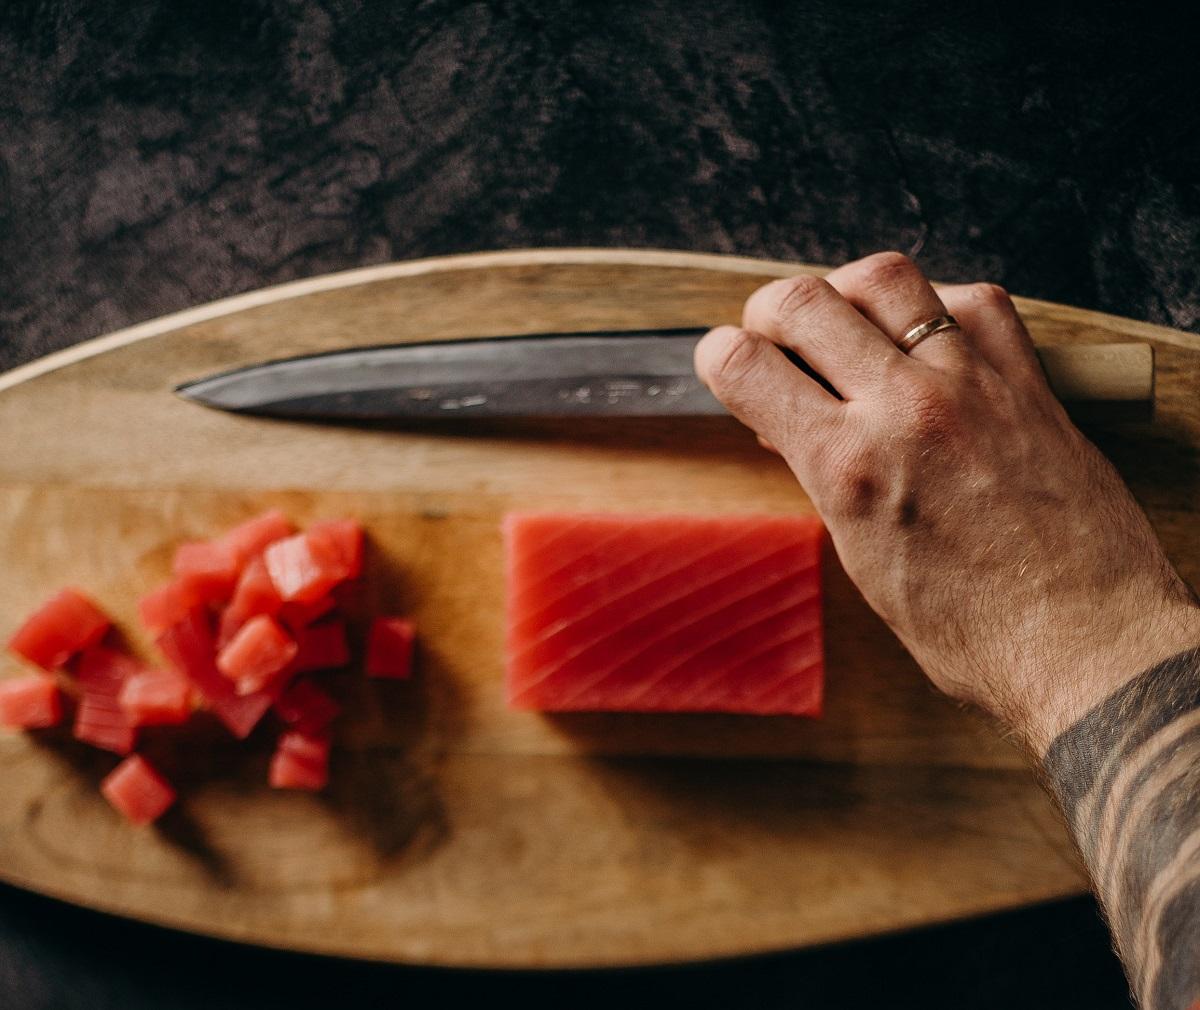 bucati de ton taiate marunt, cu o mana care tine un cutit langa, pe un tocator maro, ca ingrediente sănătoase la salată